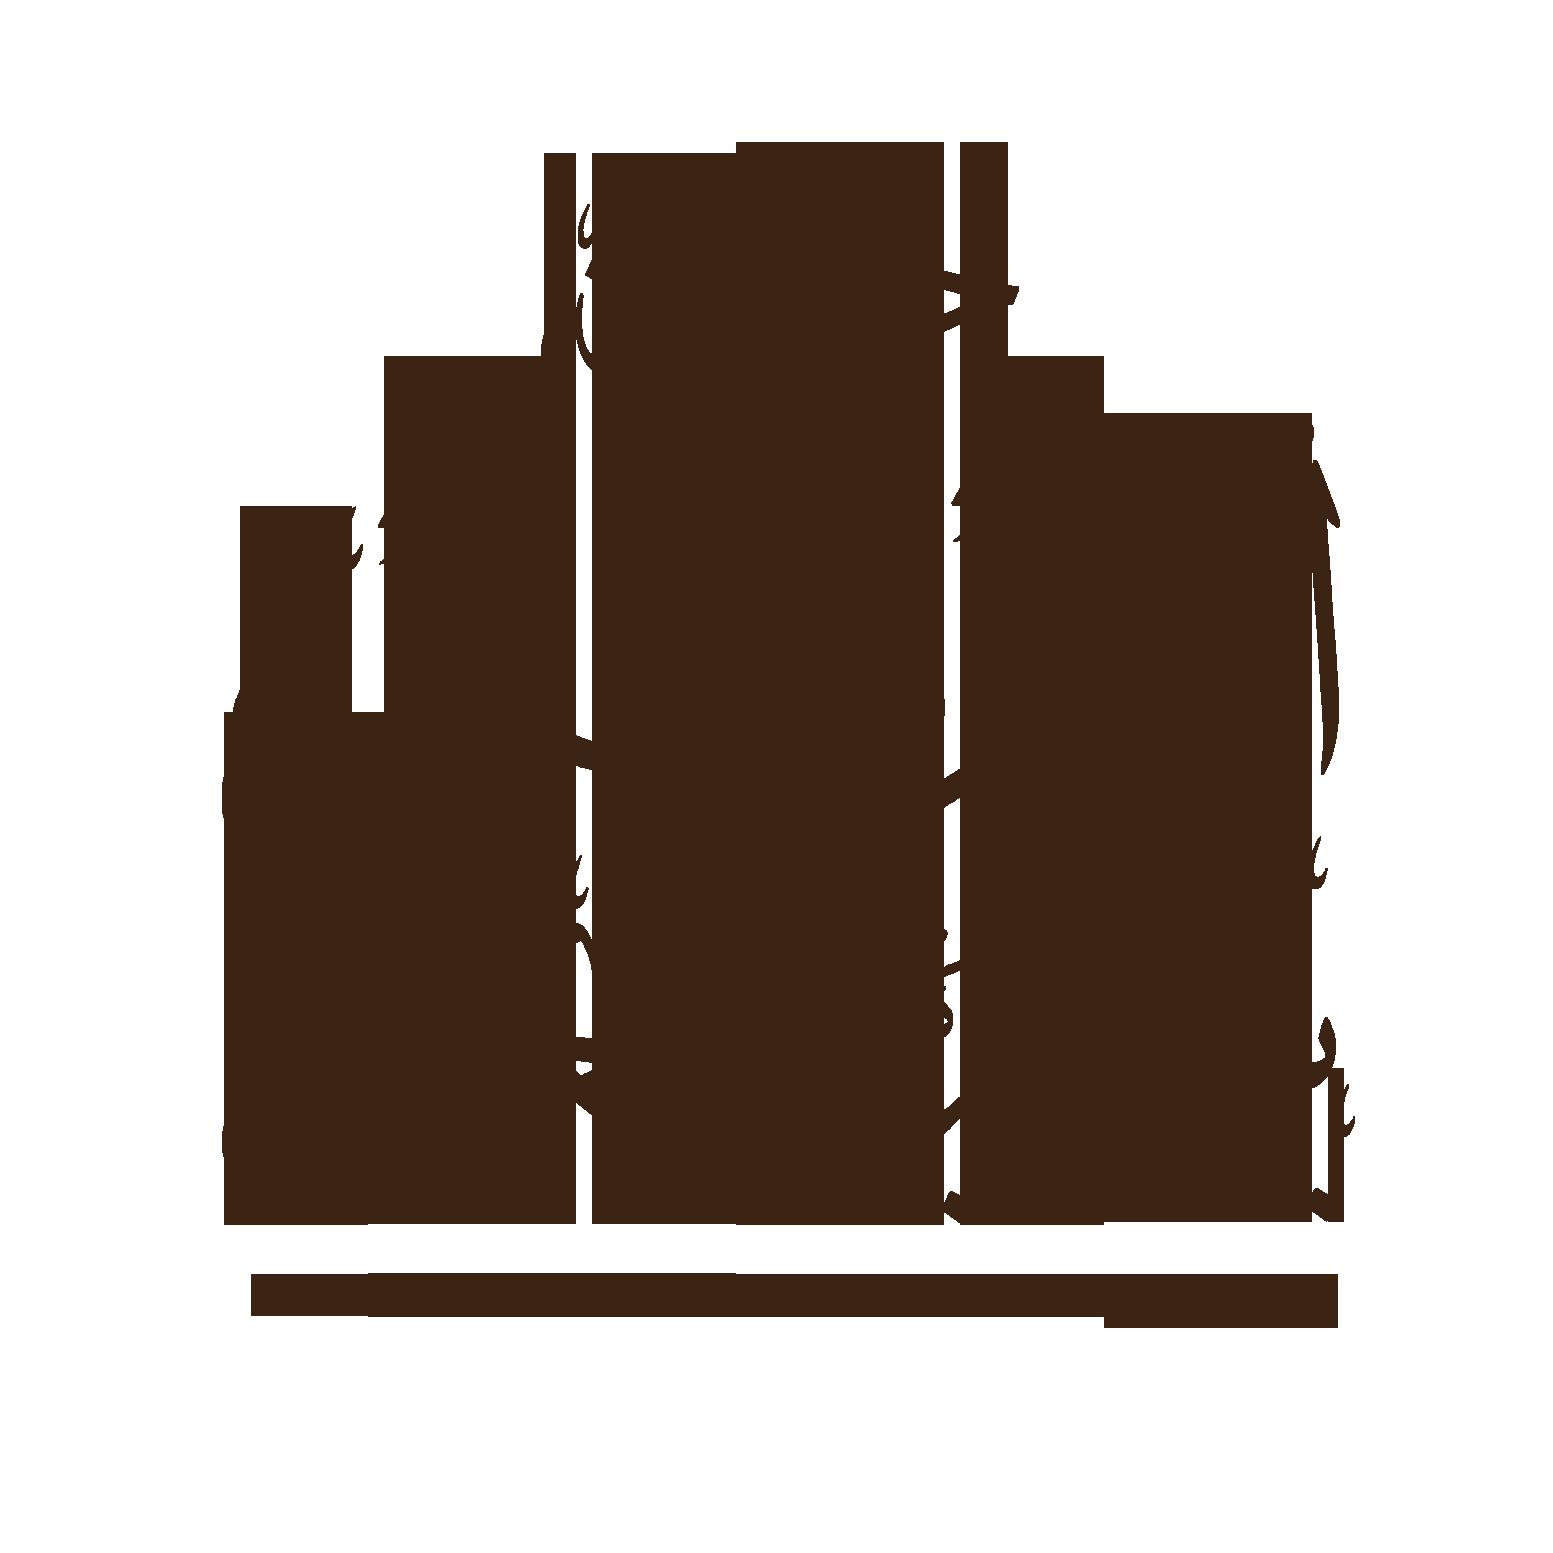 جامعة الأمير سطام بن عبدالعزيز – جامعة سعودية تقع في مدينة الخرج